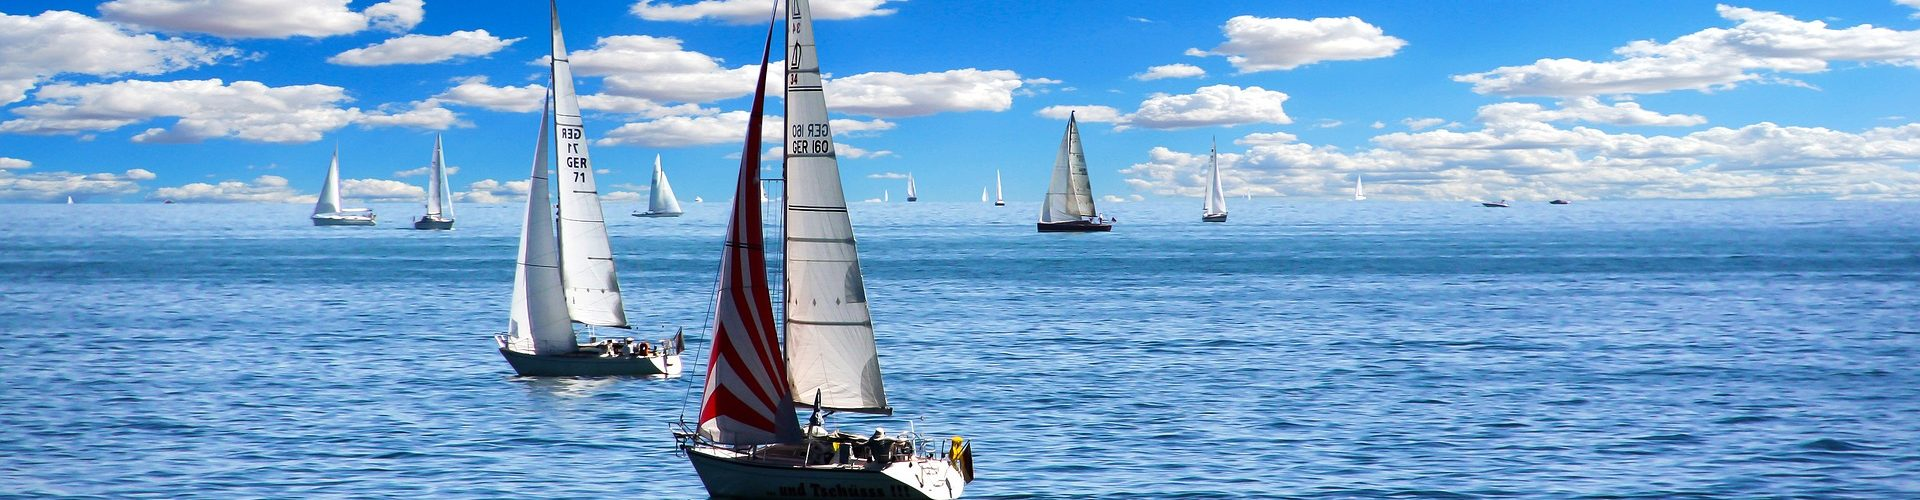 segeln lernen in Sommerkahl segelschein machen in Sommerkahl 1920x500 - Segeln lernen in Sommerkahl